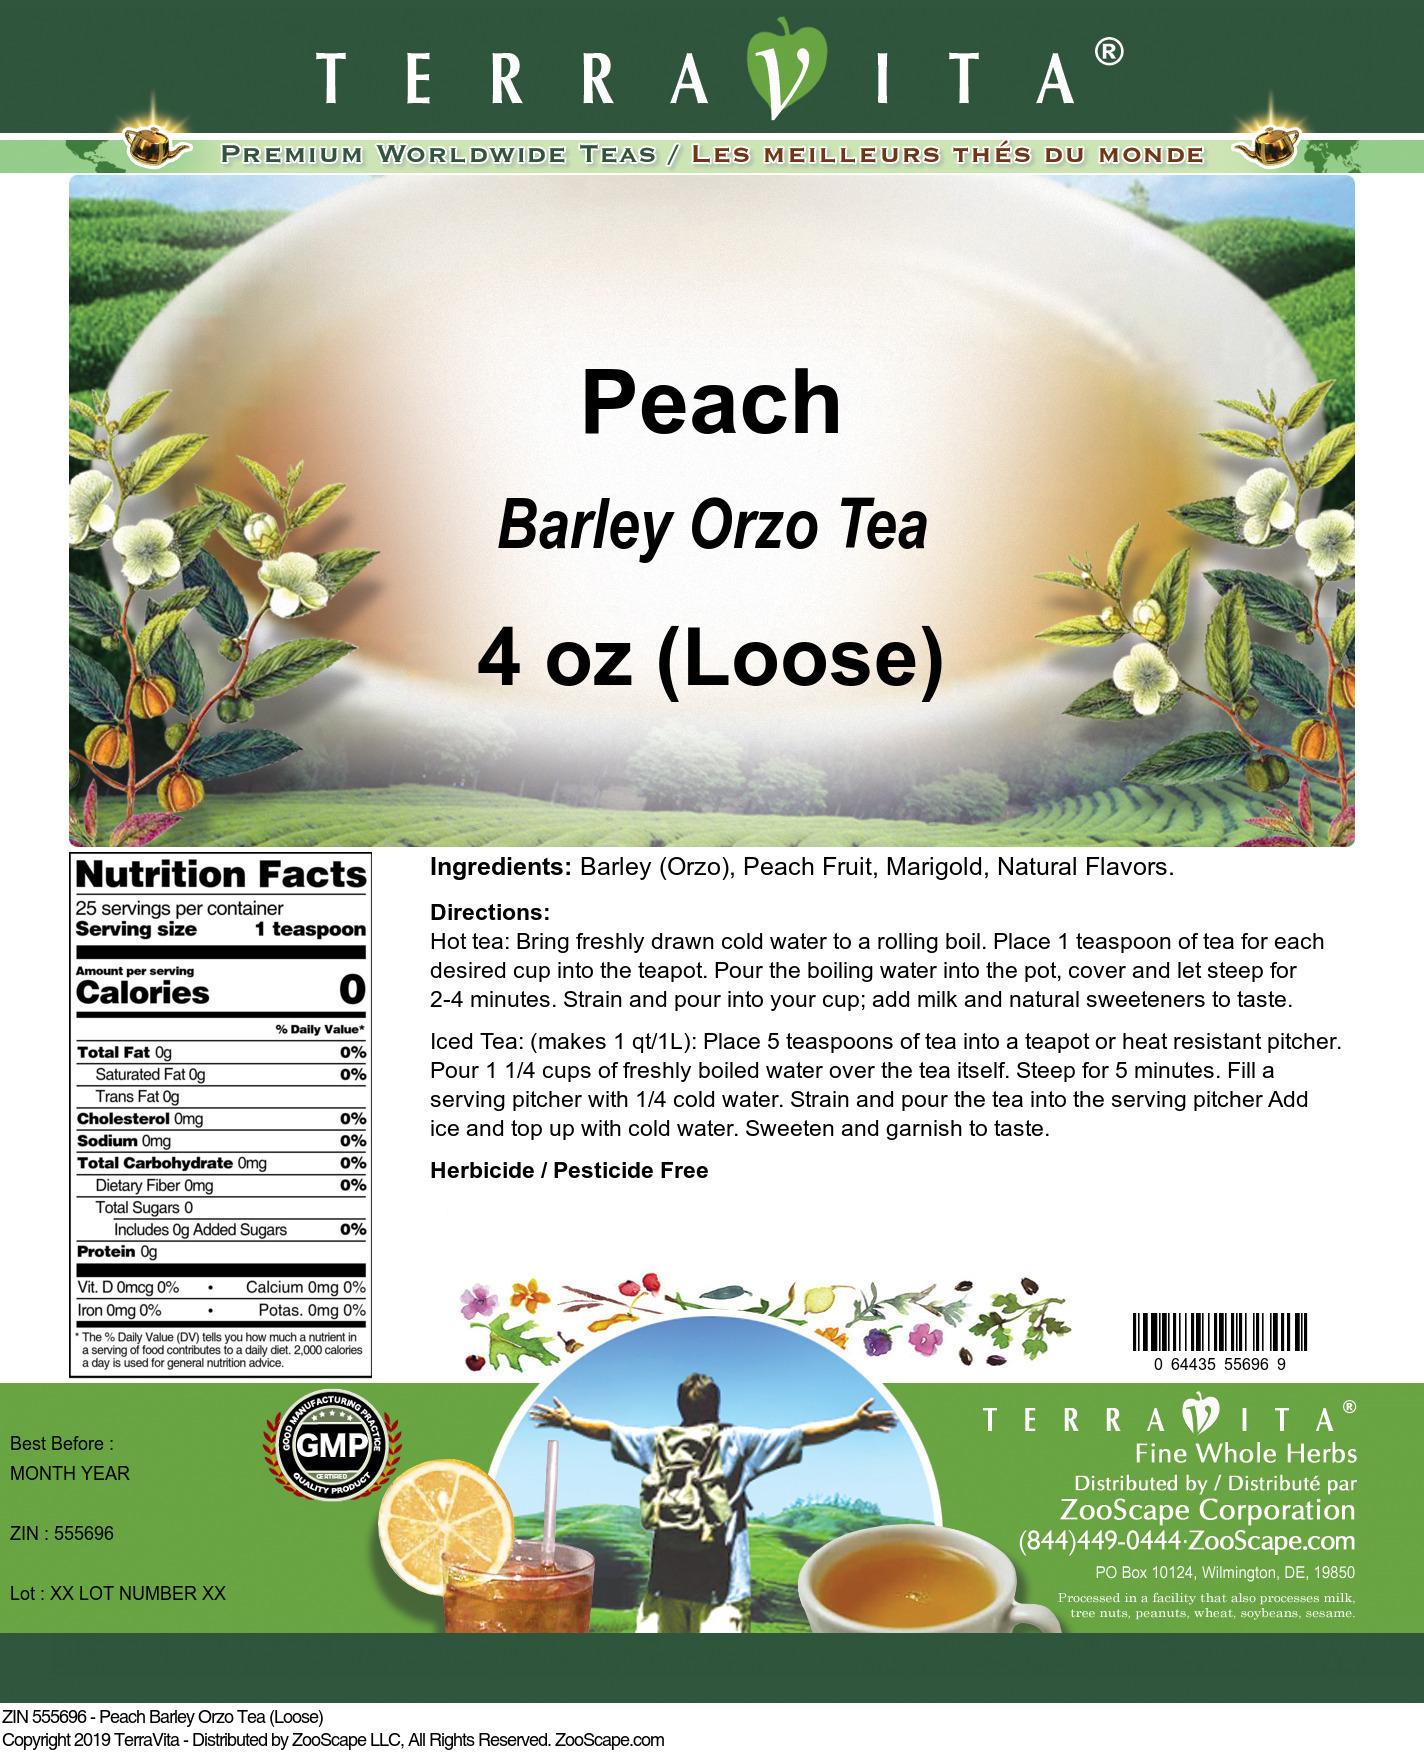 Peach Barley Orzo